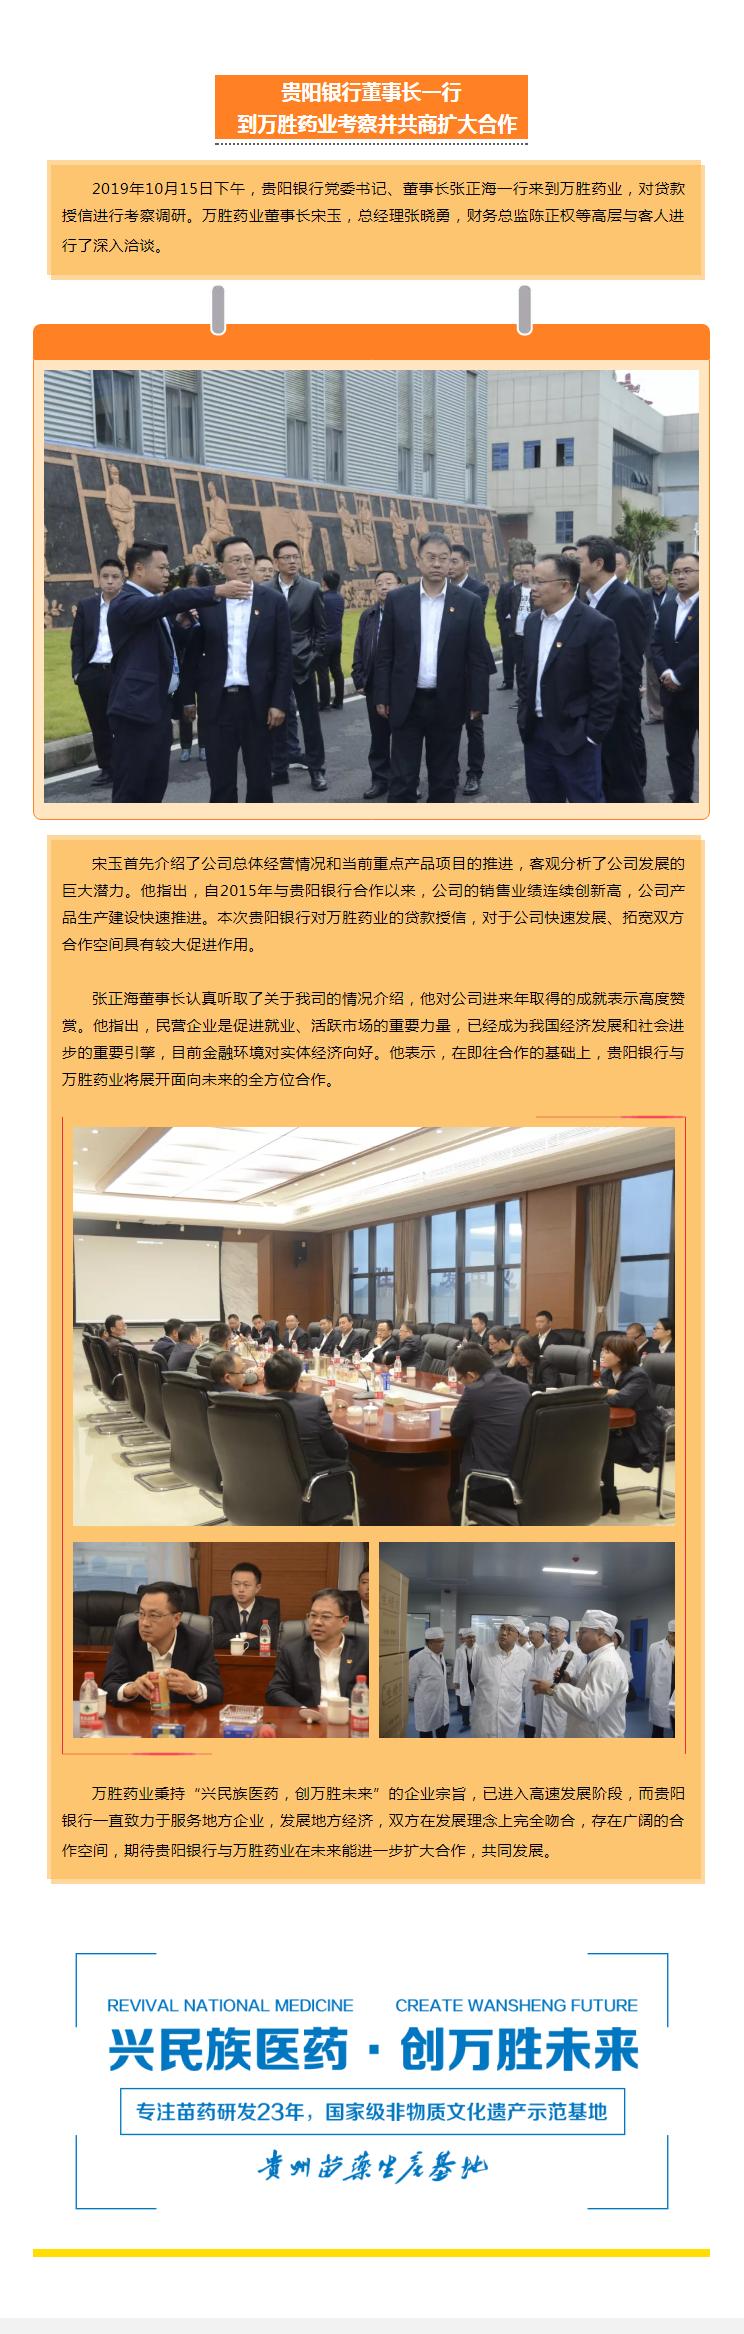 贵阳银行董事长一行到万胜药业考察并共商扩大合作.png